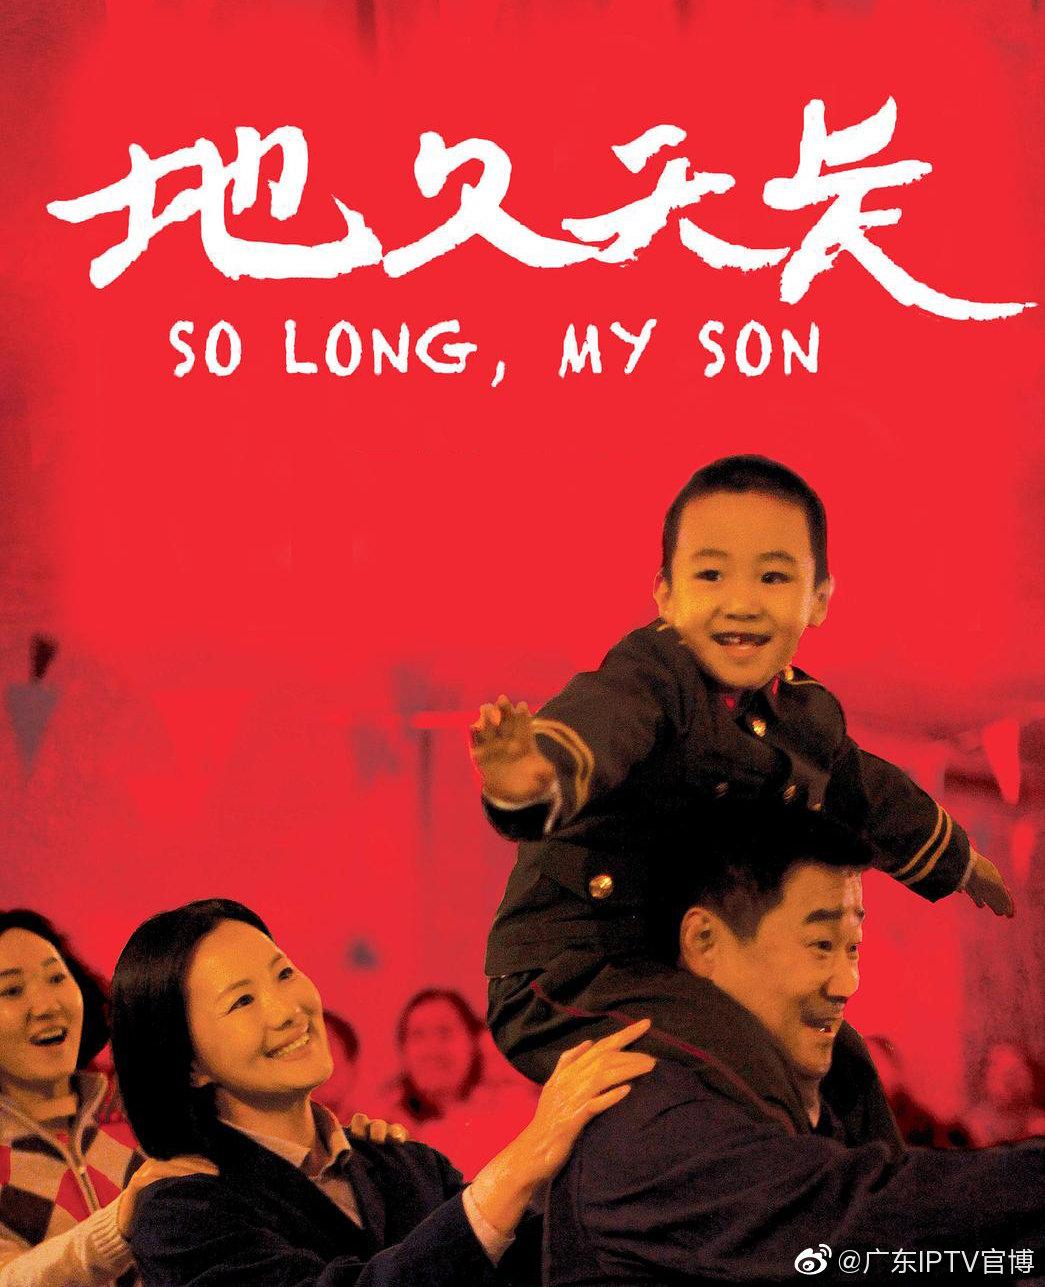 《地久天长》是由王景春、咏梅领衔主演